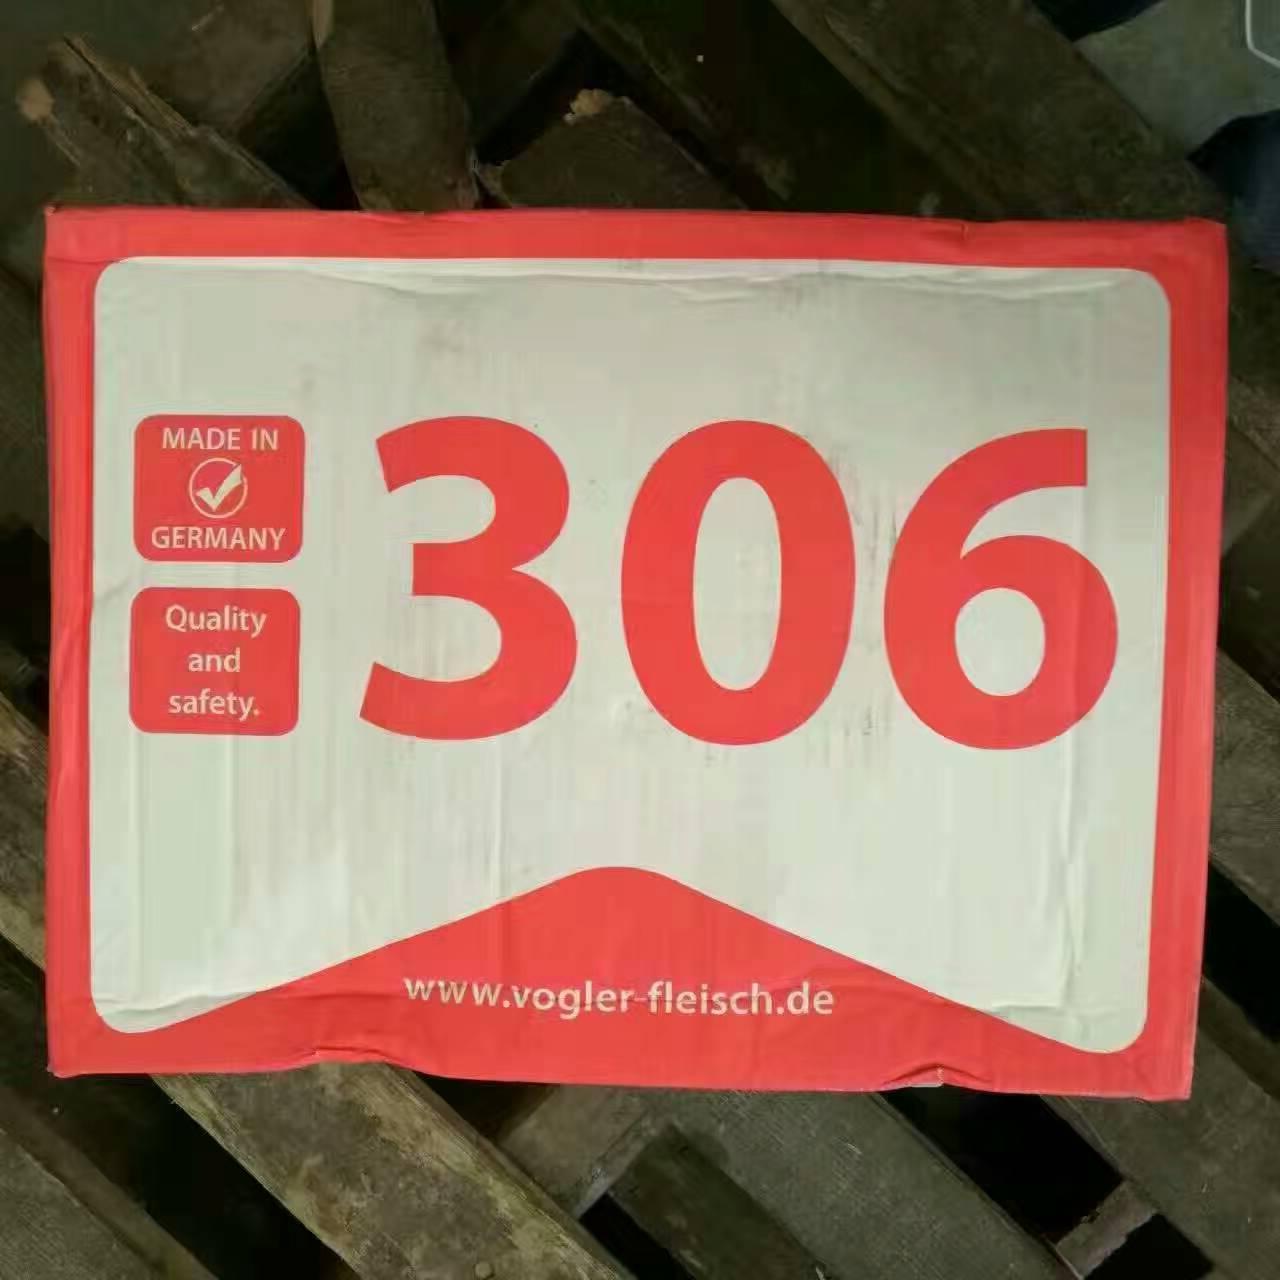 【经销批发】德国306进口冷冻猪肘 抄码 新鲜冷冻 货源充足